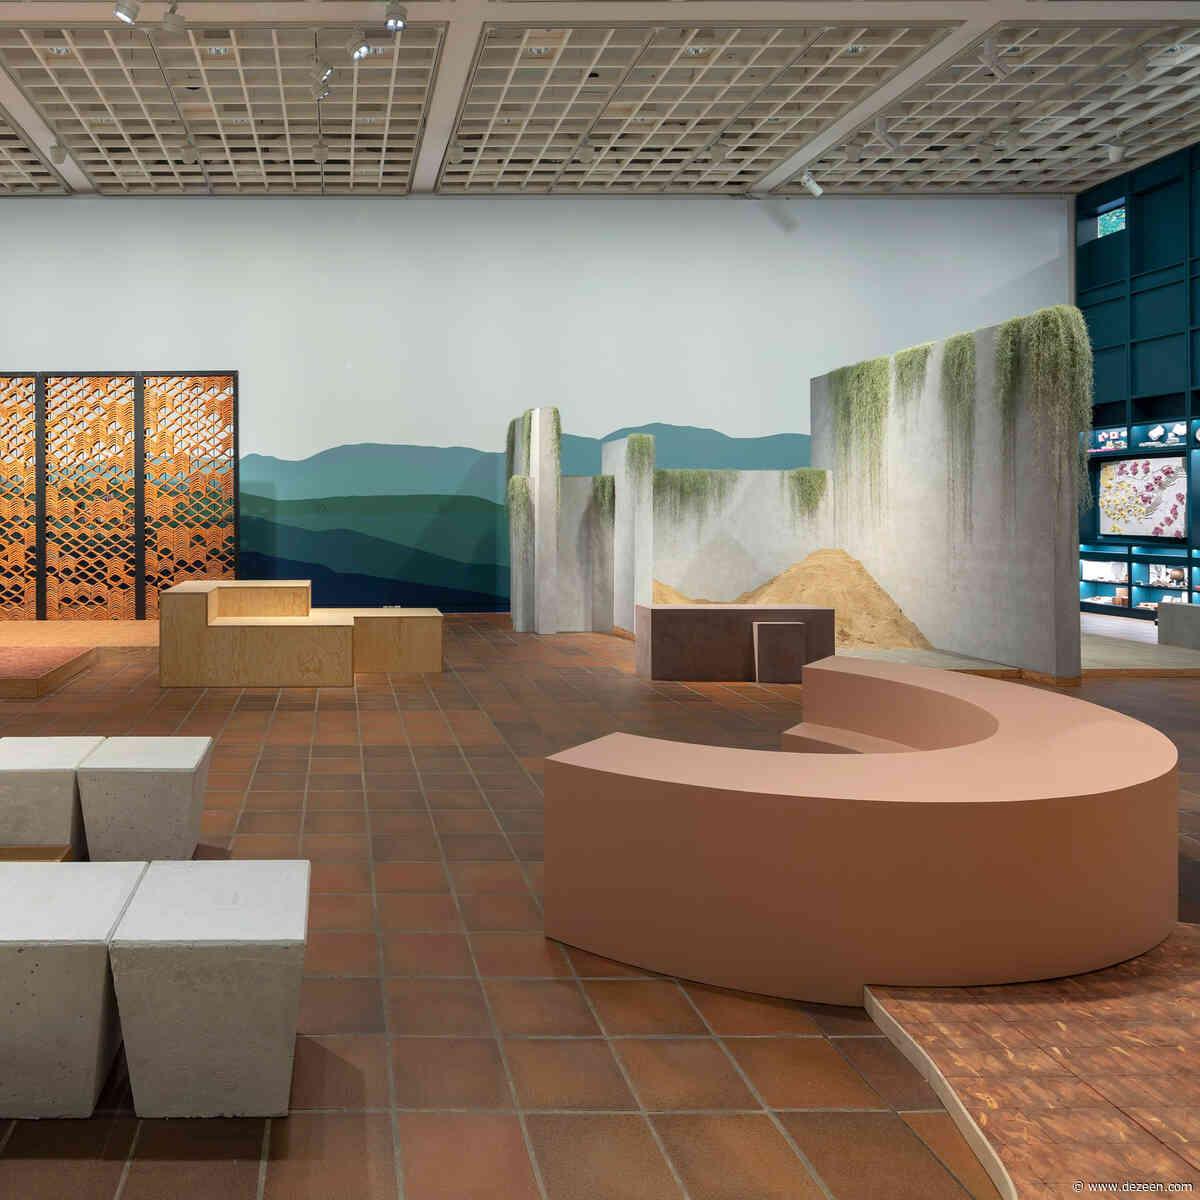 Louisiana Museum showcases the socially minded architecture of Tatiana Bilbao